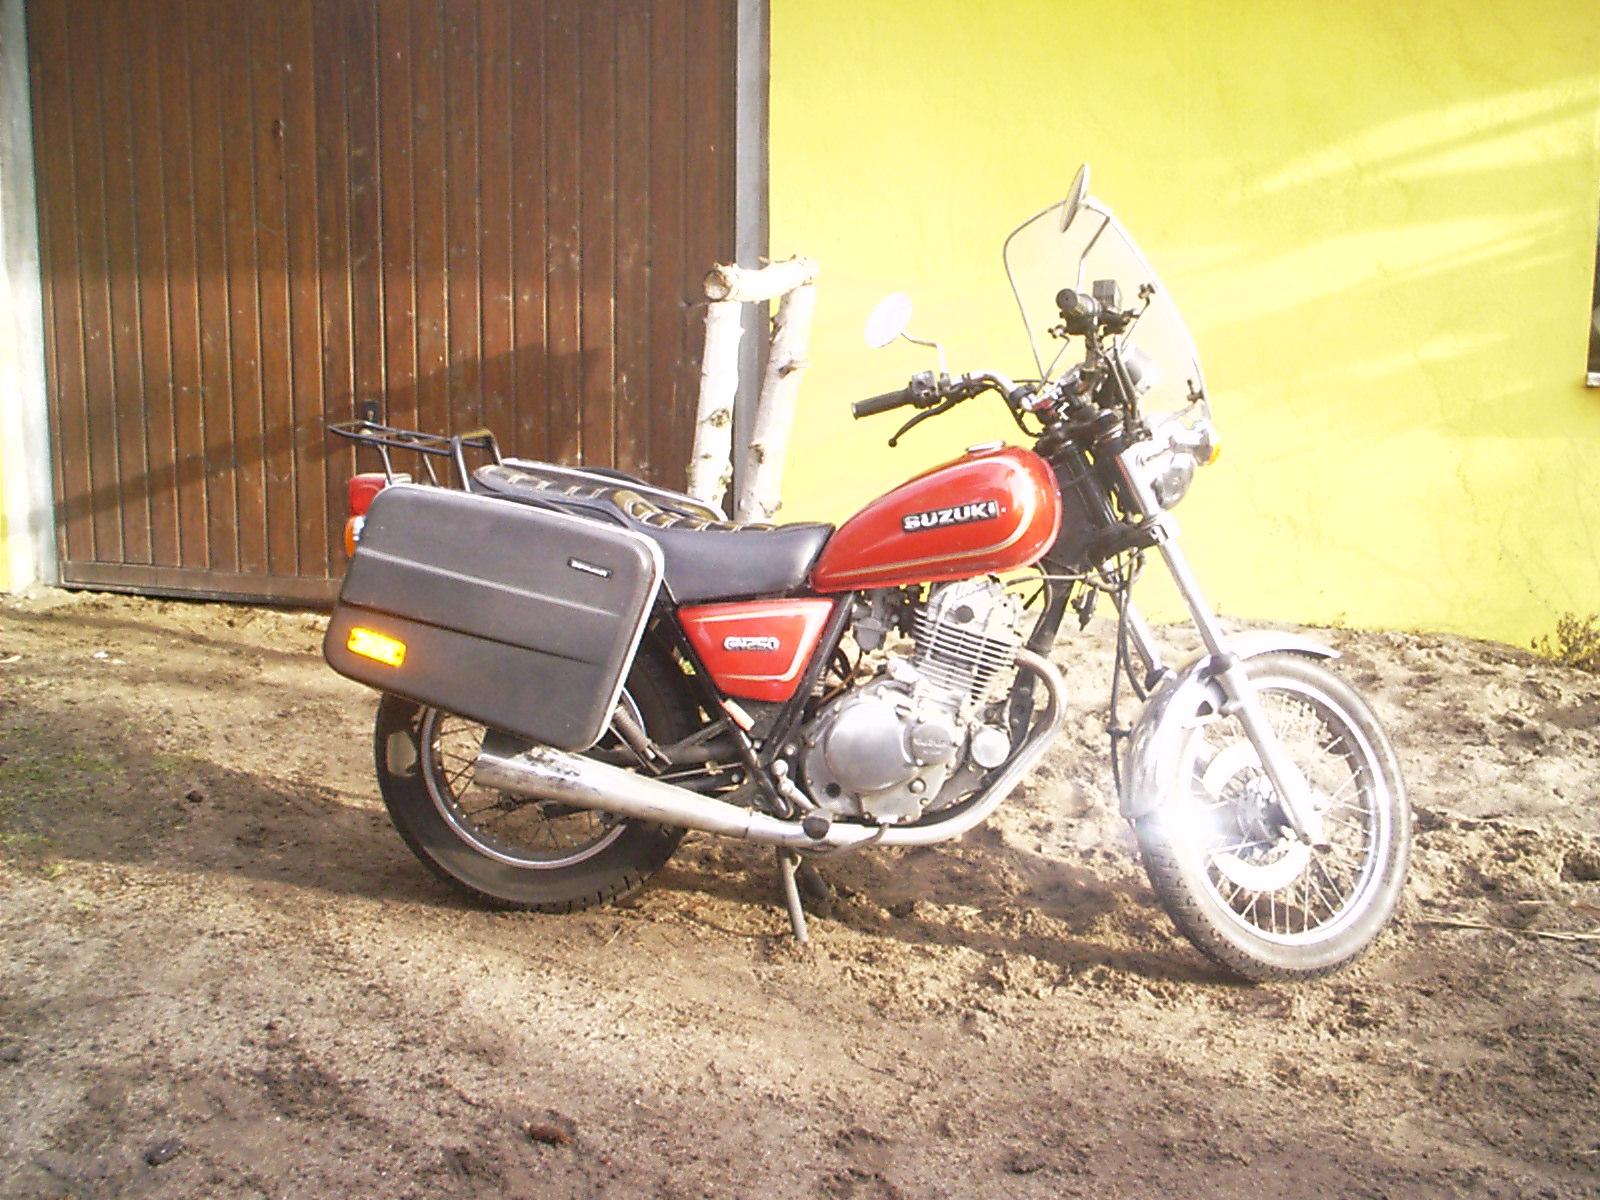 suzuki shopper gn 250 in wandlitz motorr der und teile kleinanzeigen. Black Bedroom Furniture Sets. Home Design Ideas